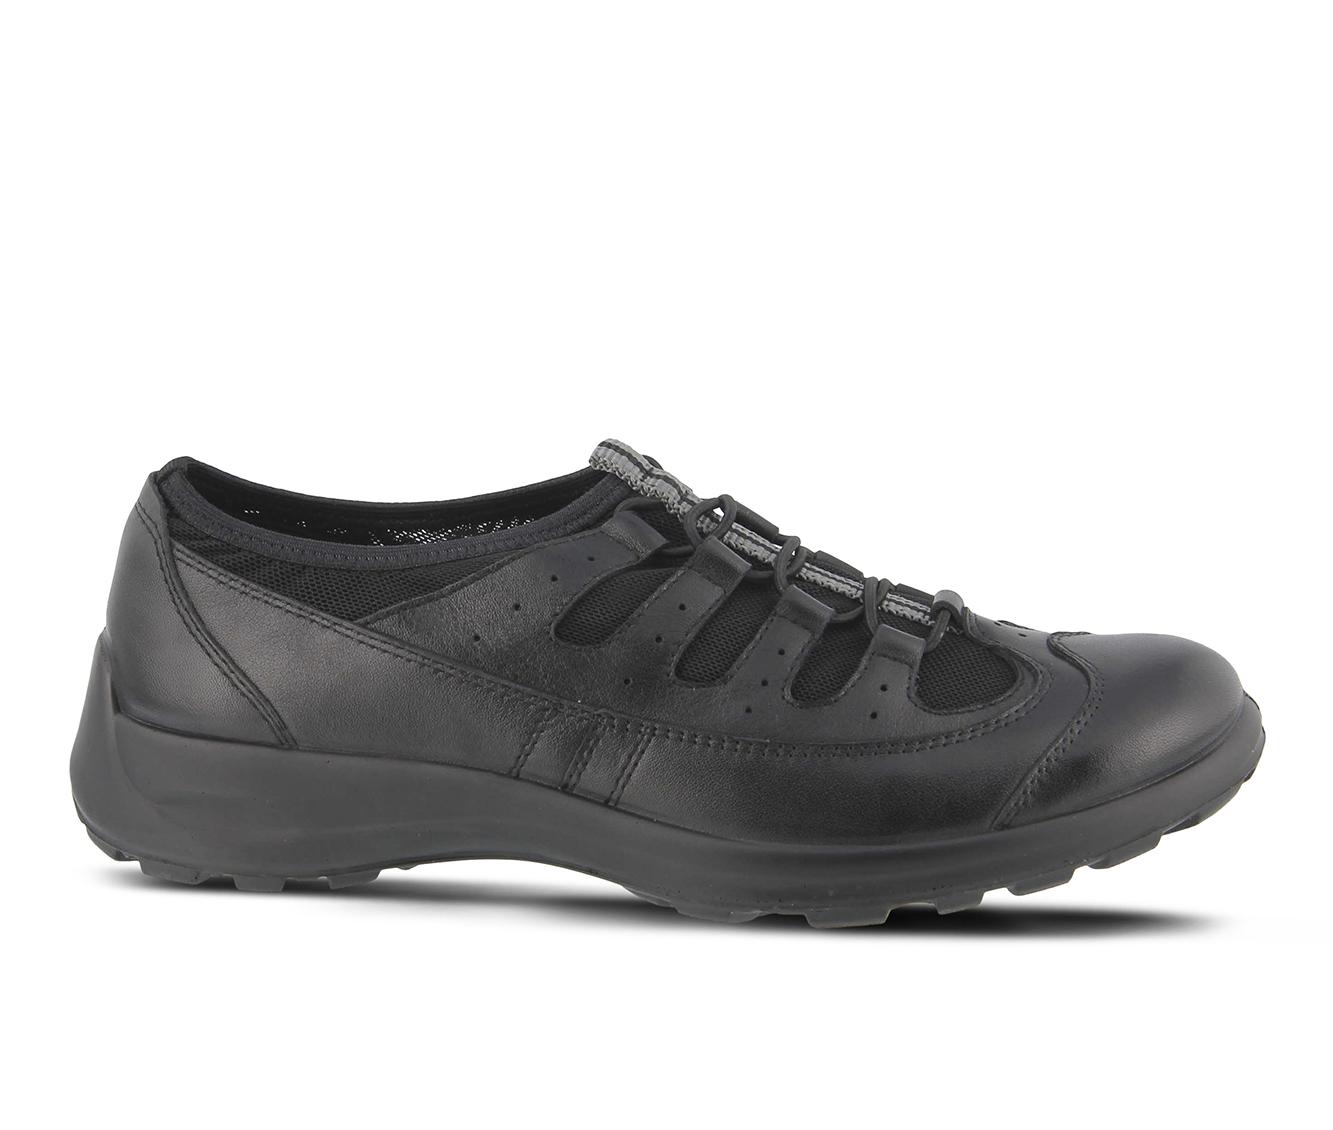 Flexus Jaiya Women's Shoe (Black Leather)